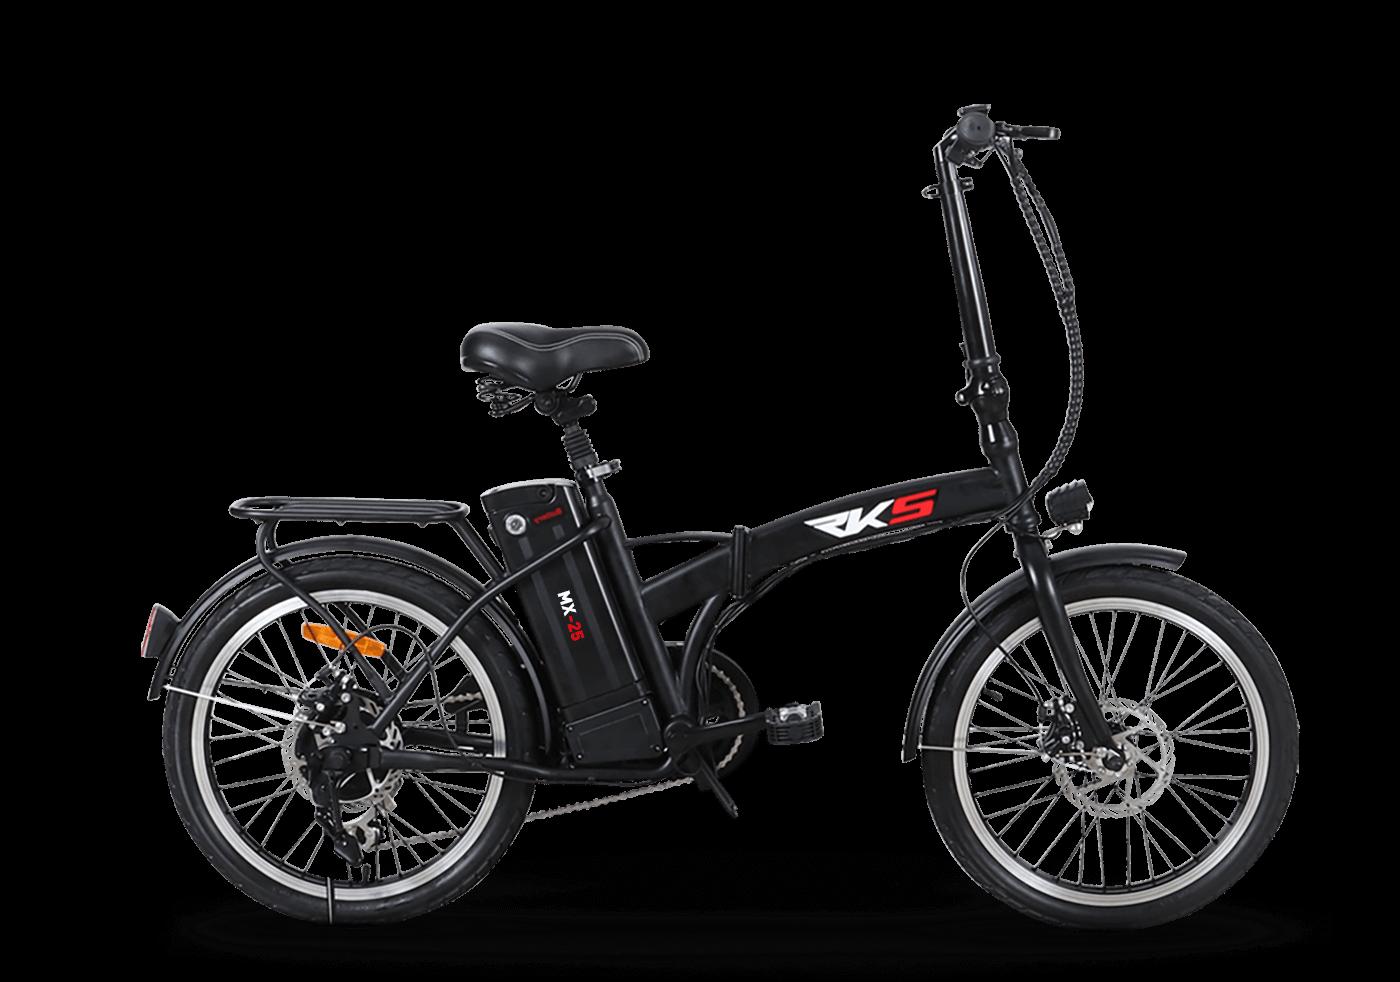 elektricni sklopivi bicikl RKS MX25 250W